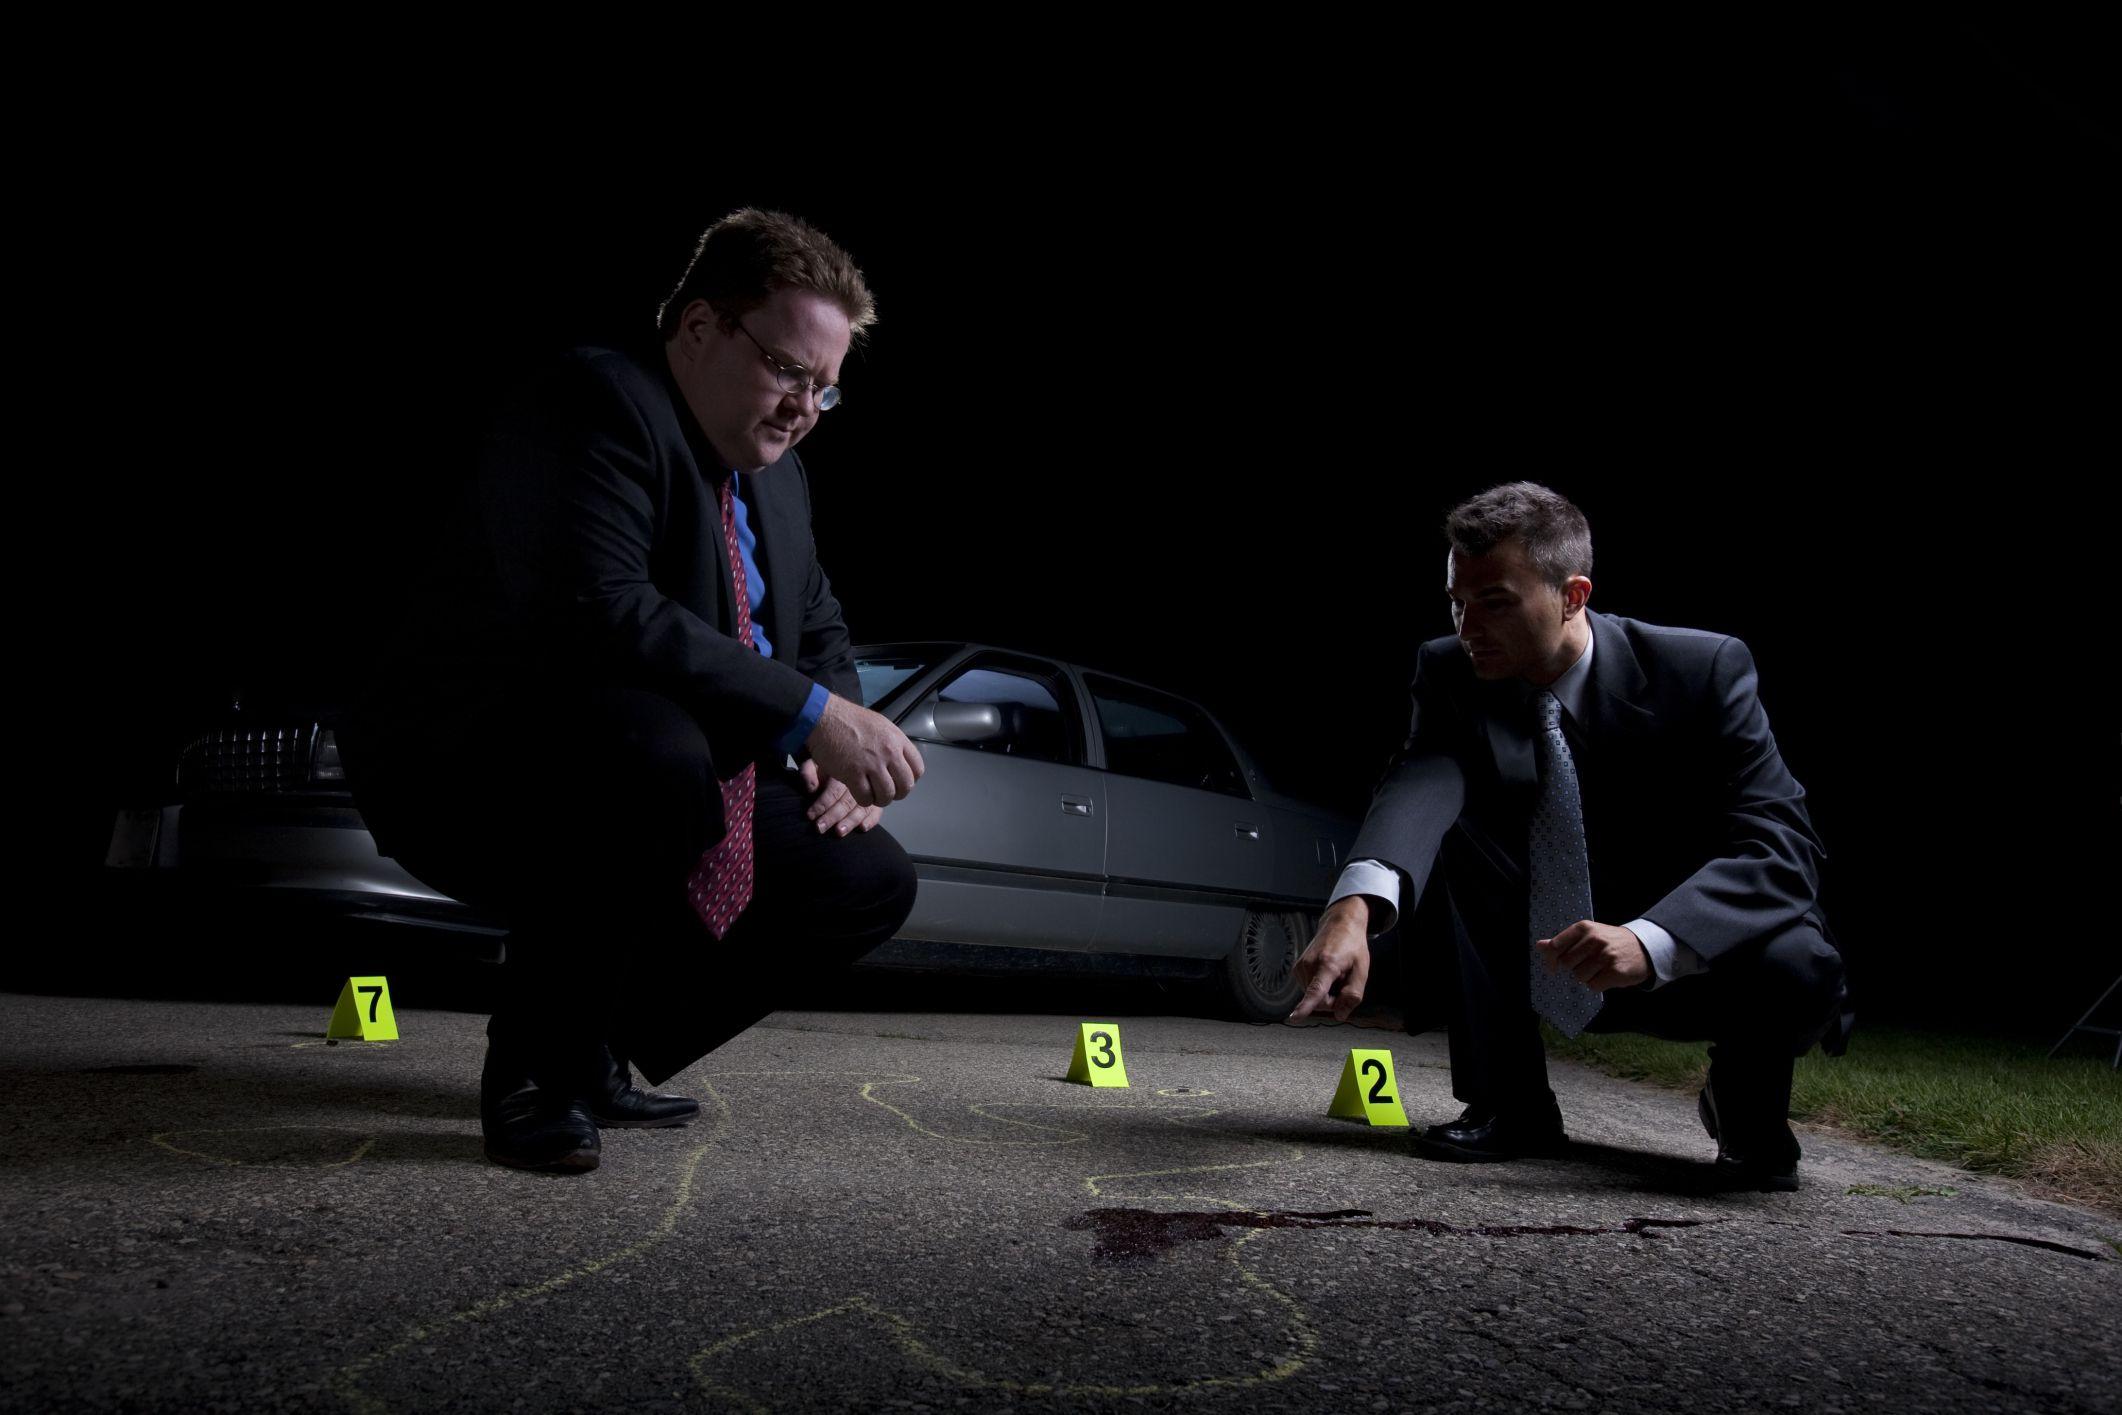 criminal detectives